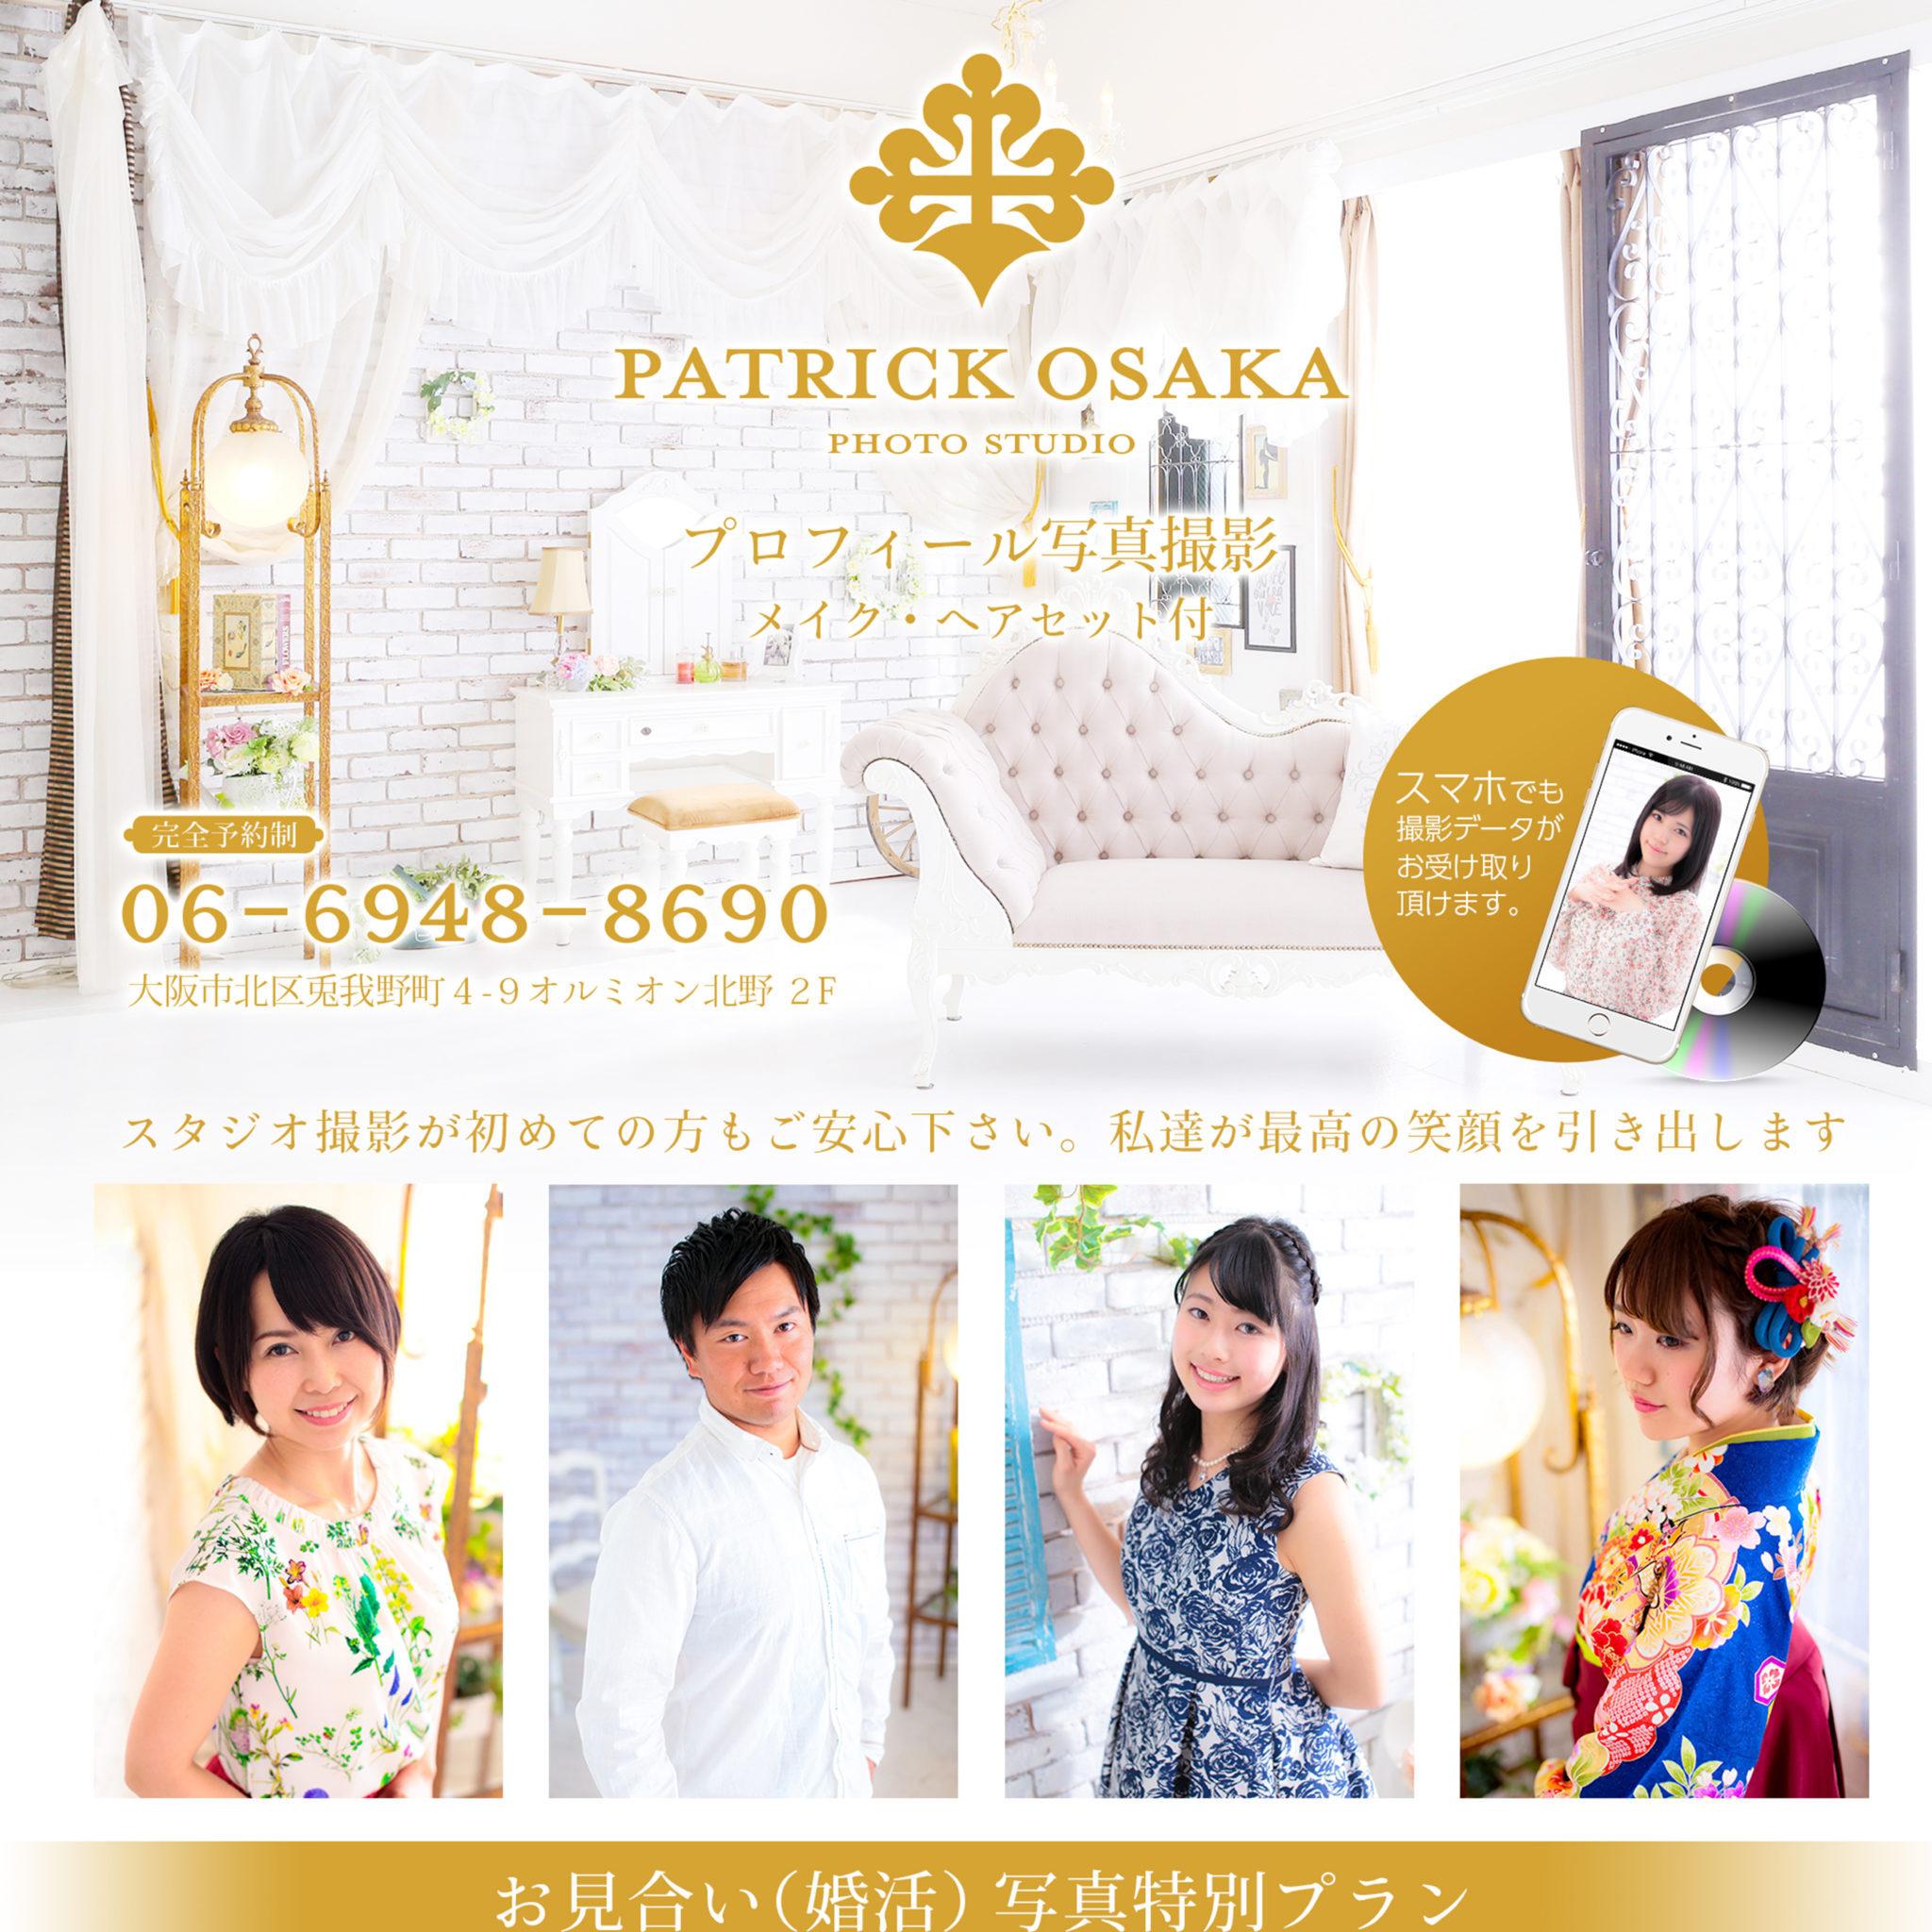 パトリック大阪の婚活(お見合い)写真を紹介するバナー